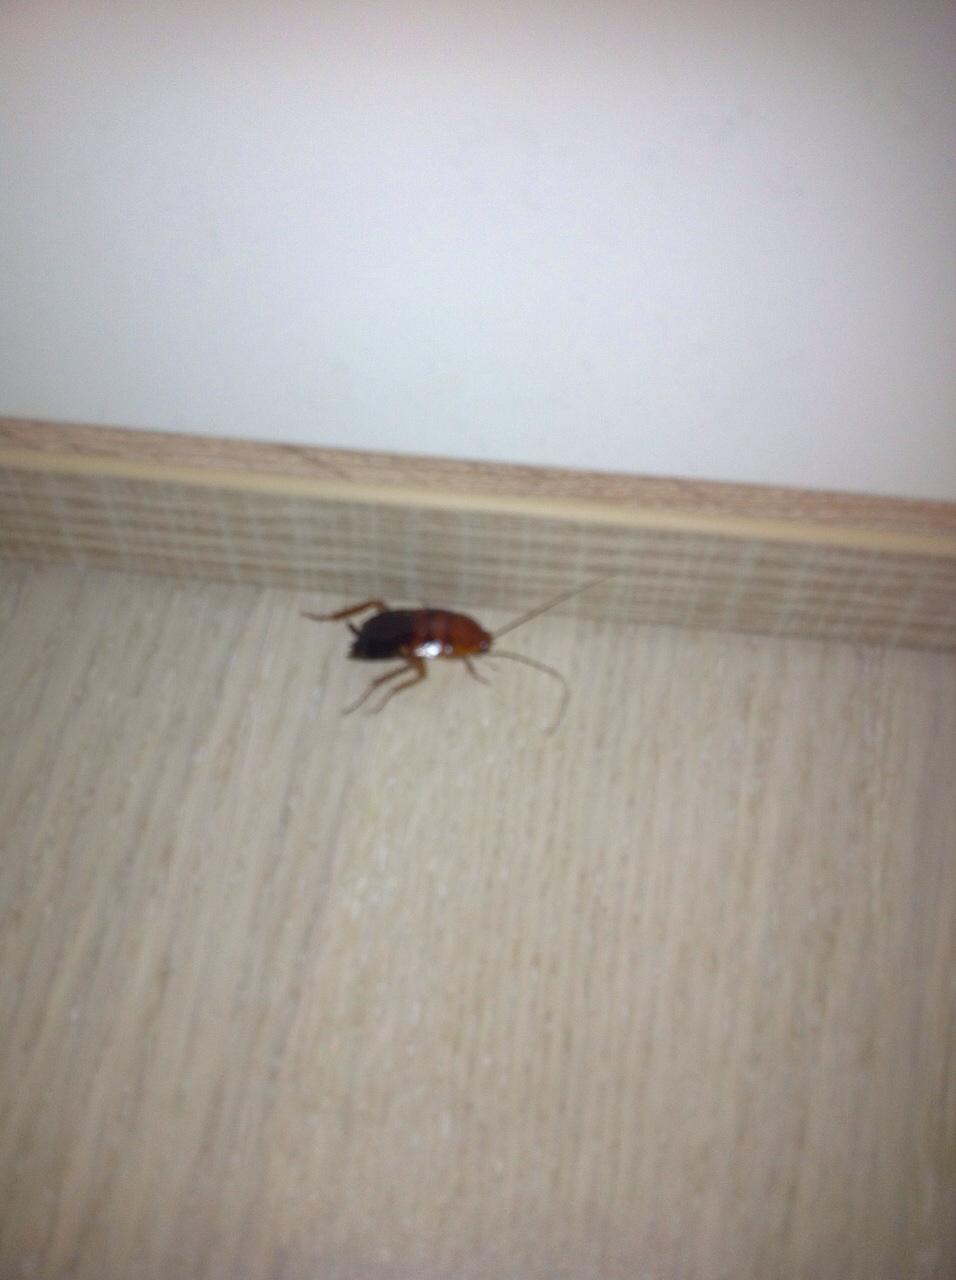 welches vieh insekt insekten schabe. Black Bedroom Furniture Sets. Home Design Ideas